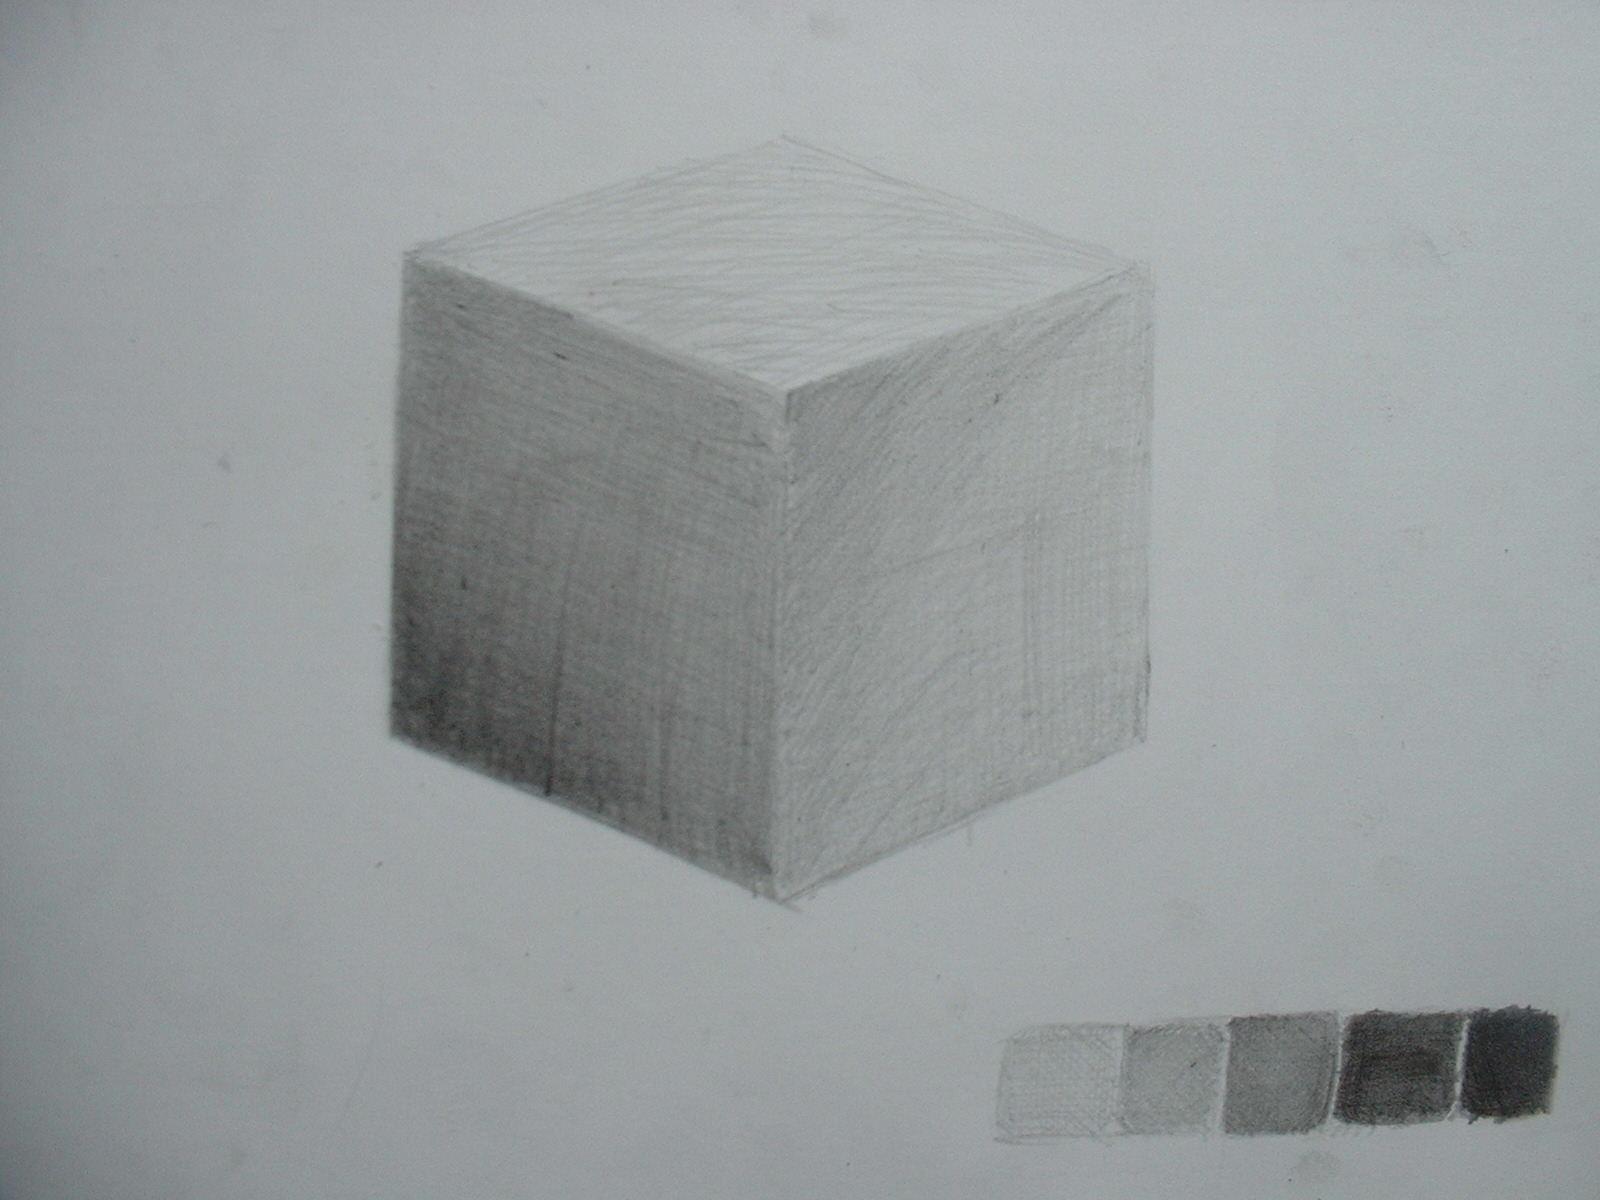 直方体を書いてみました。